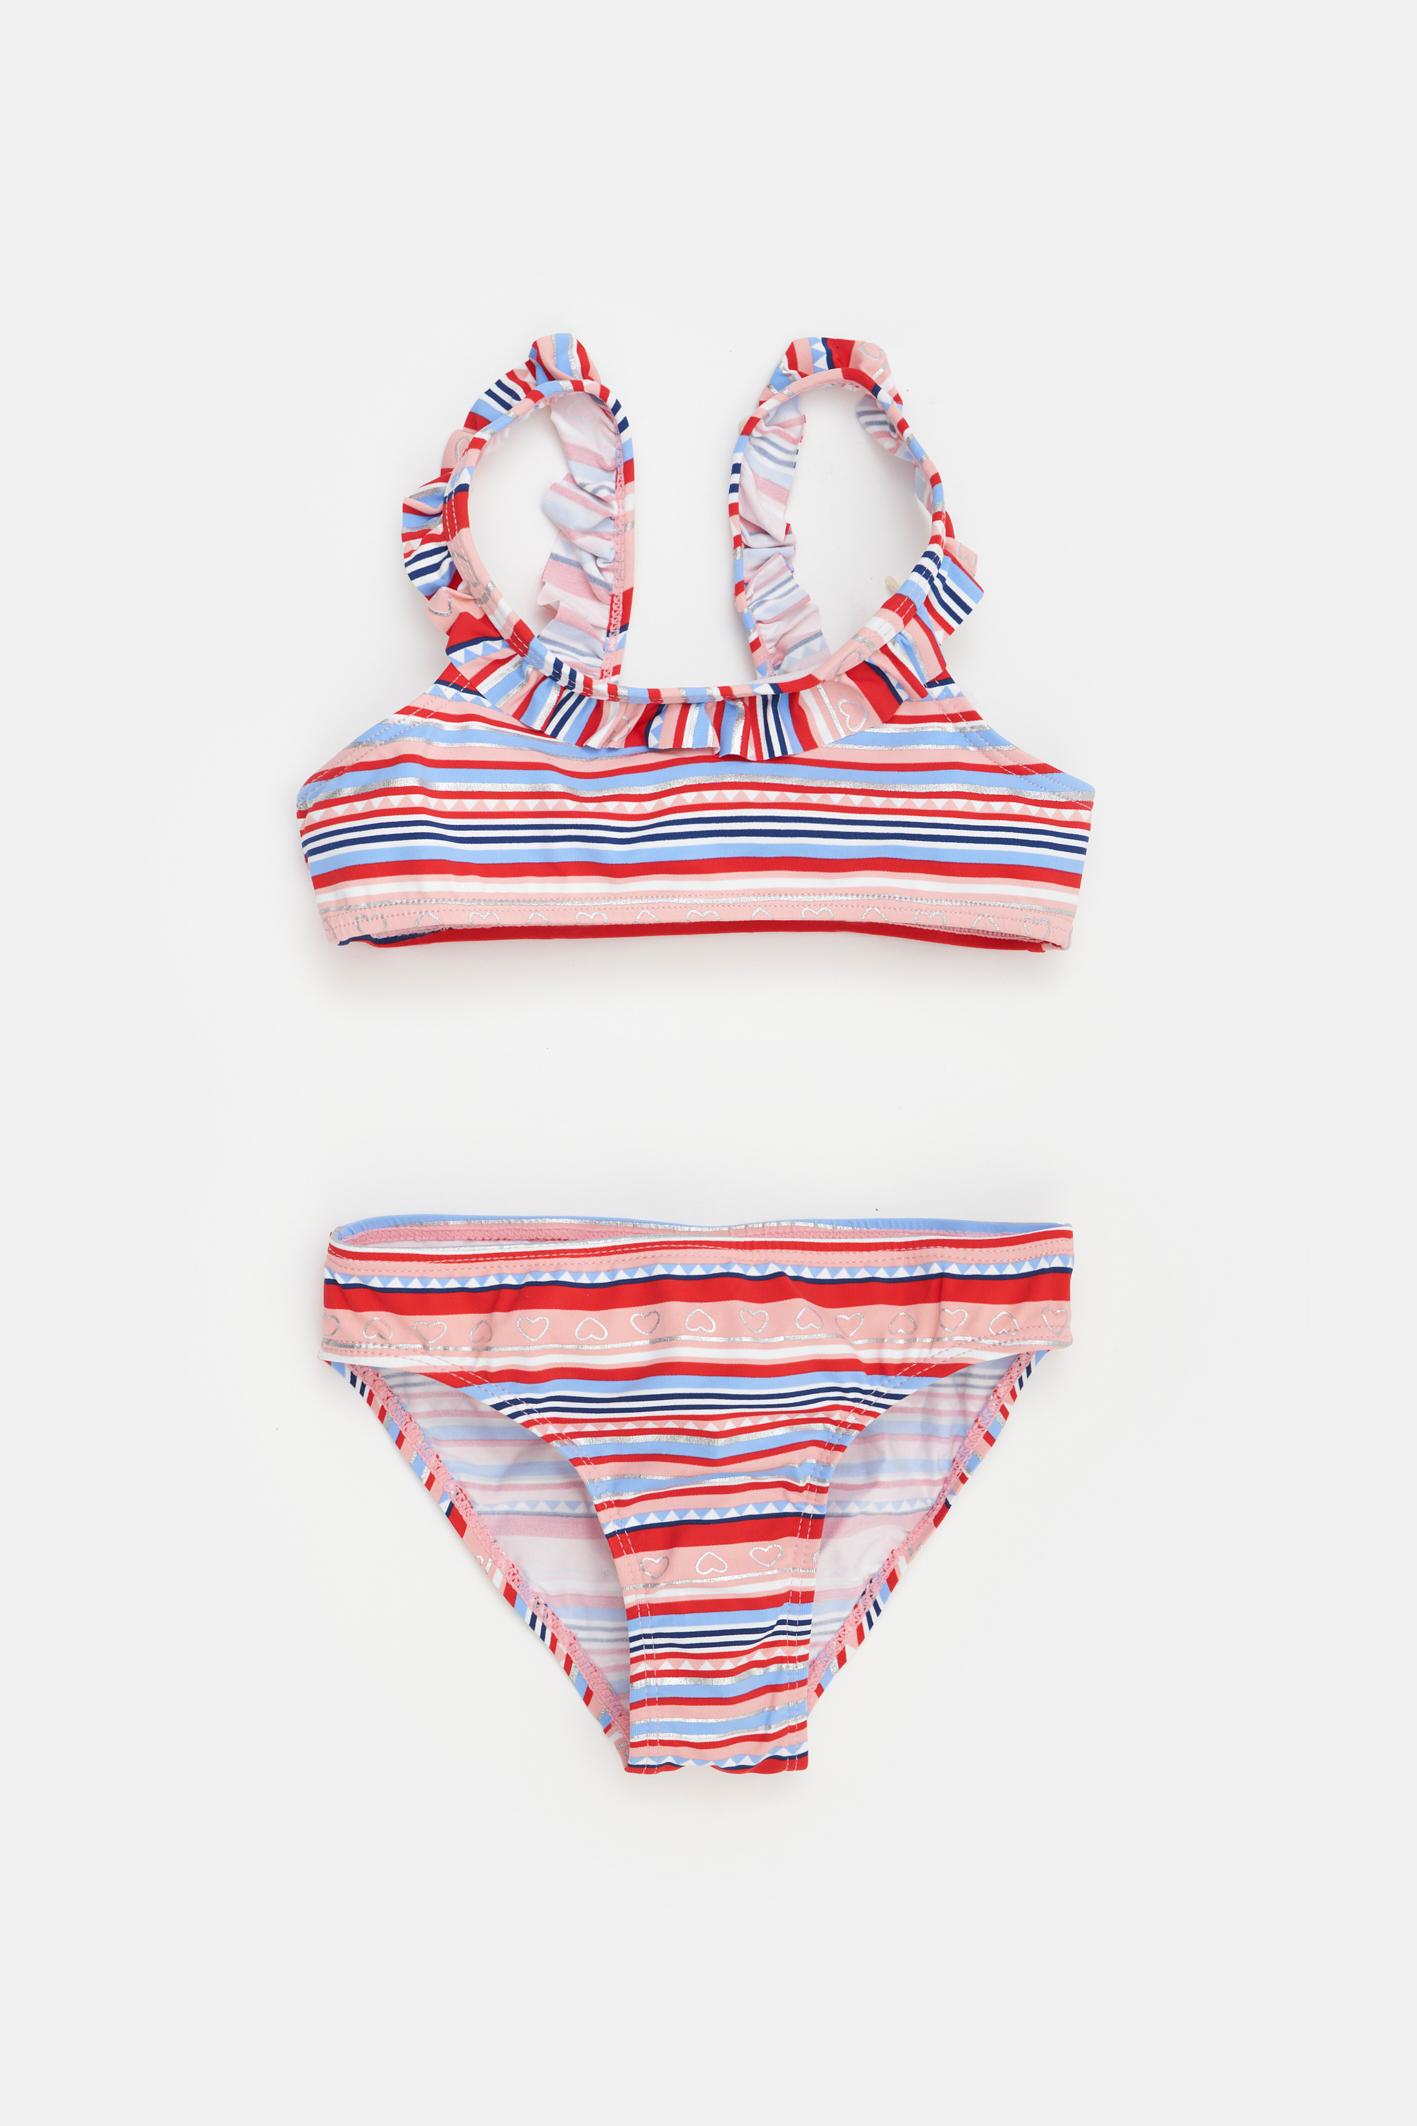 cheeky_tb-bikini-isa-4-10_07-28-2020__picture-73102